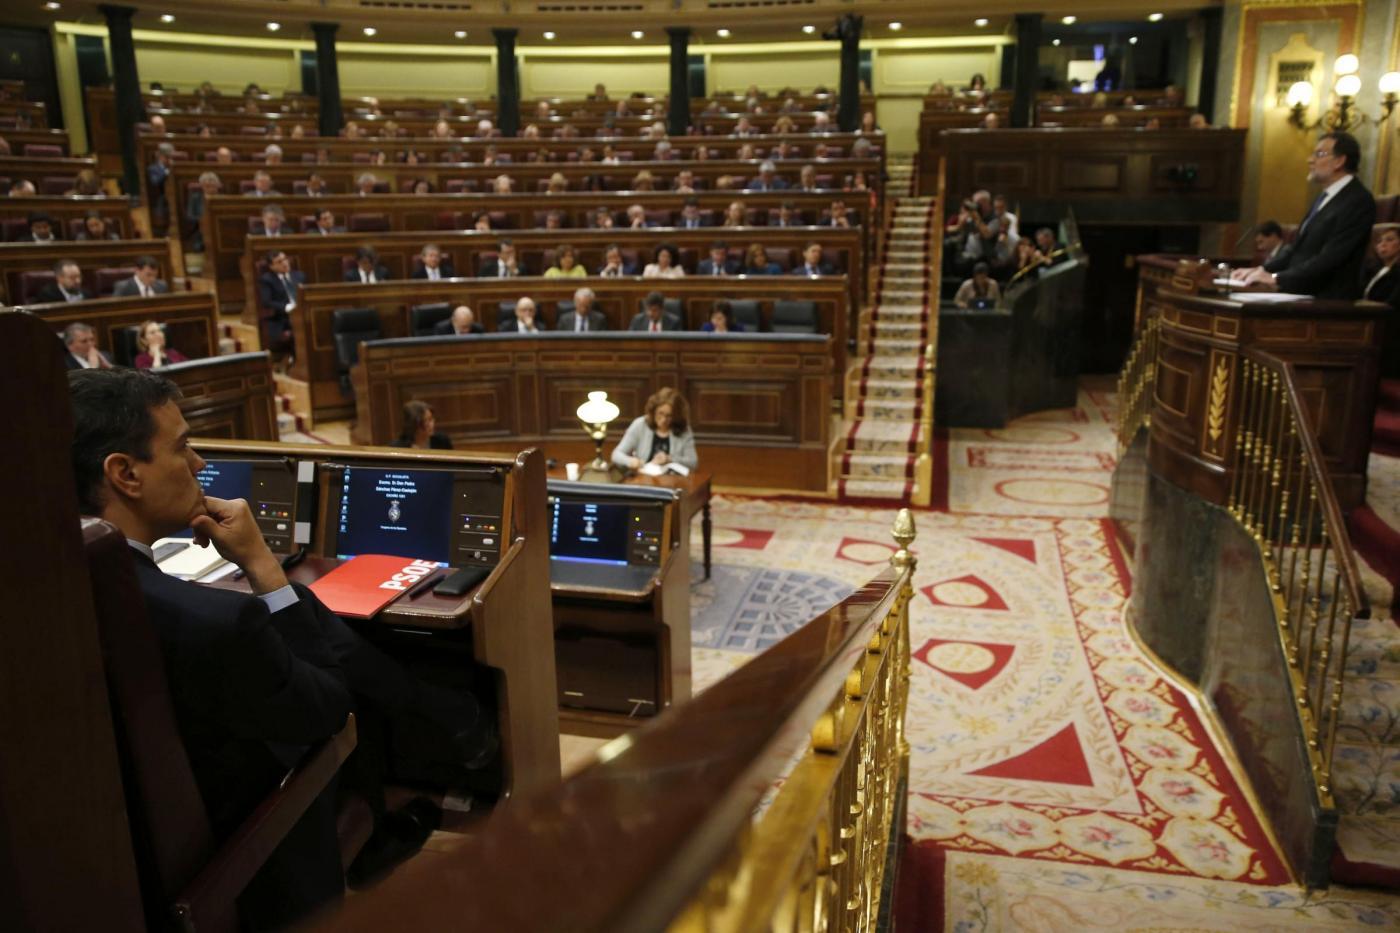 Spagna, nuove elezioni il 26 giugno